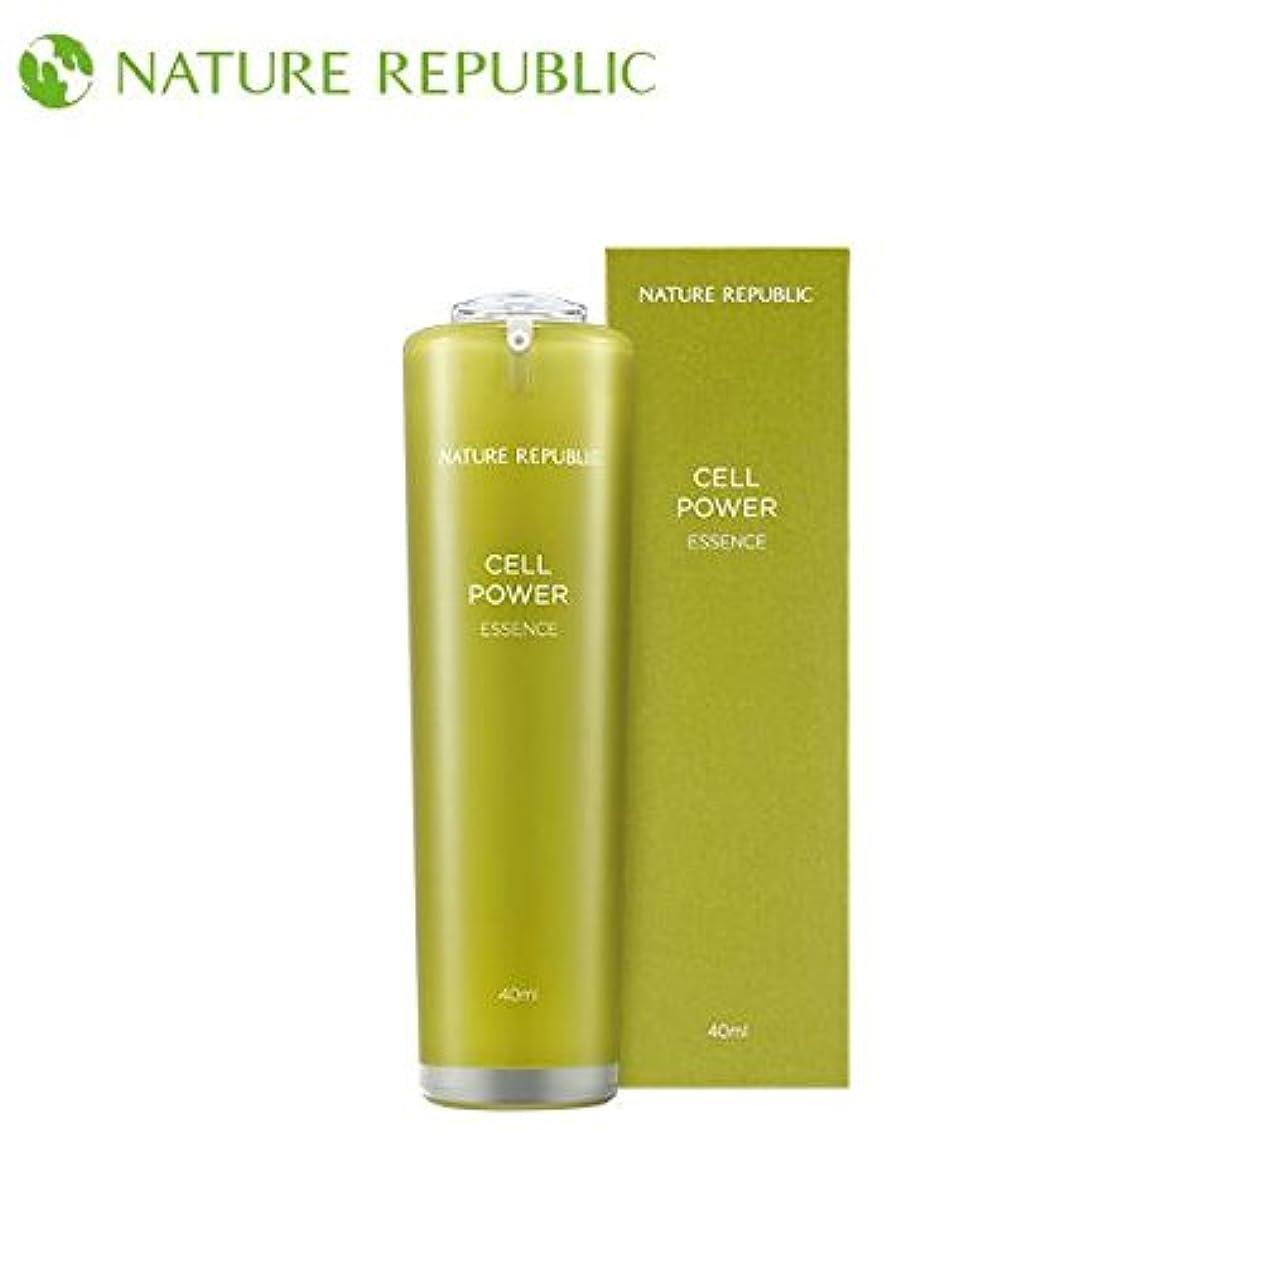 添加スタウトマーケティング正規輸入品 NATURE REPUBLIC(ネイチャーリパブリック) CP エッセンス 美容液 40ml NJ1172